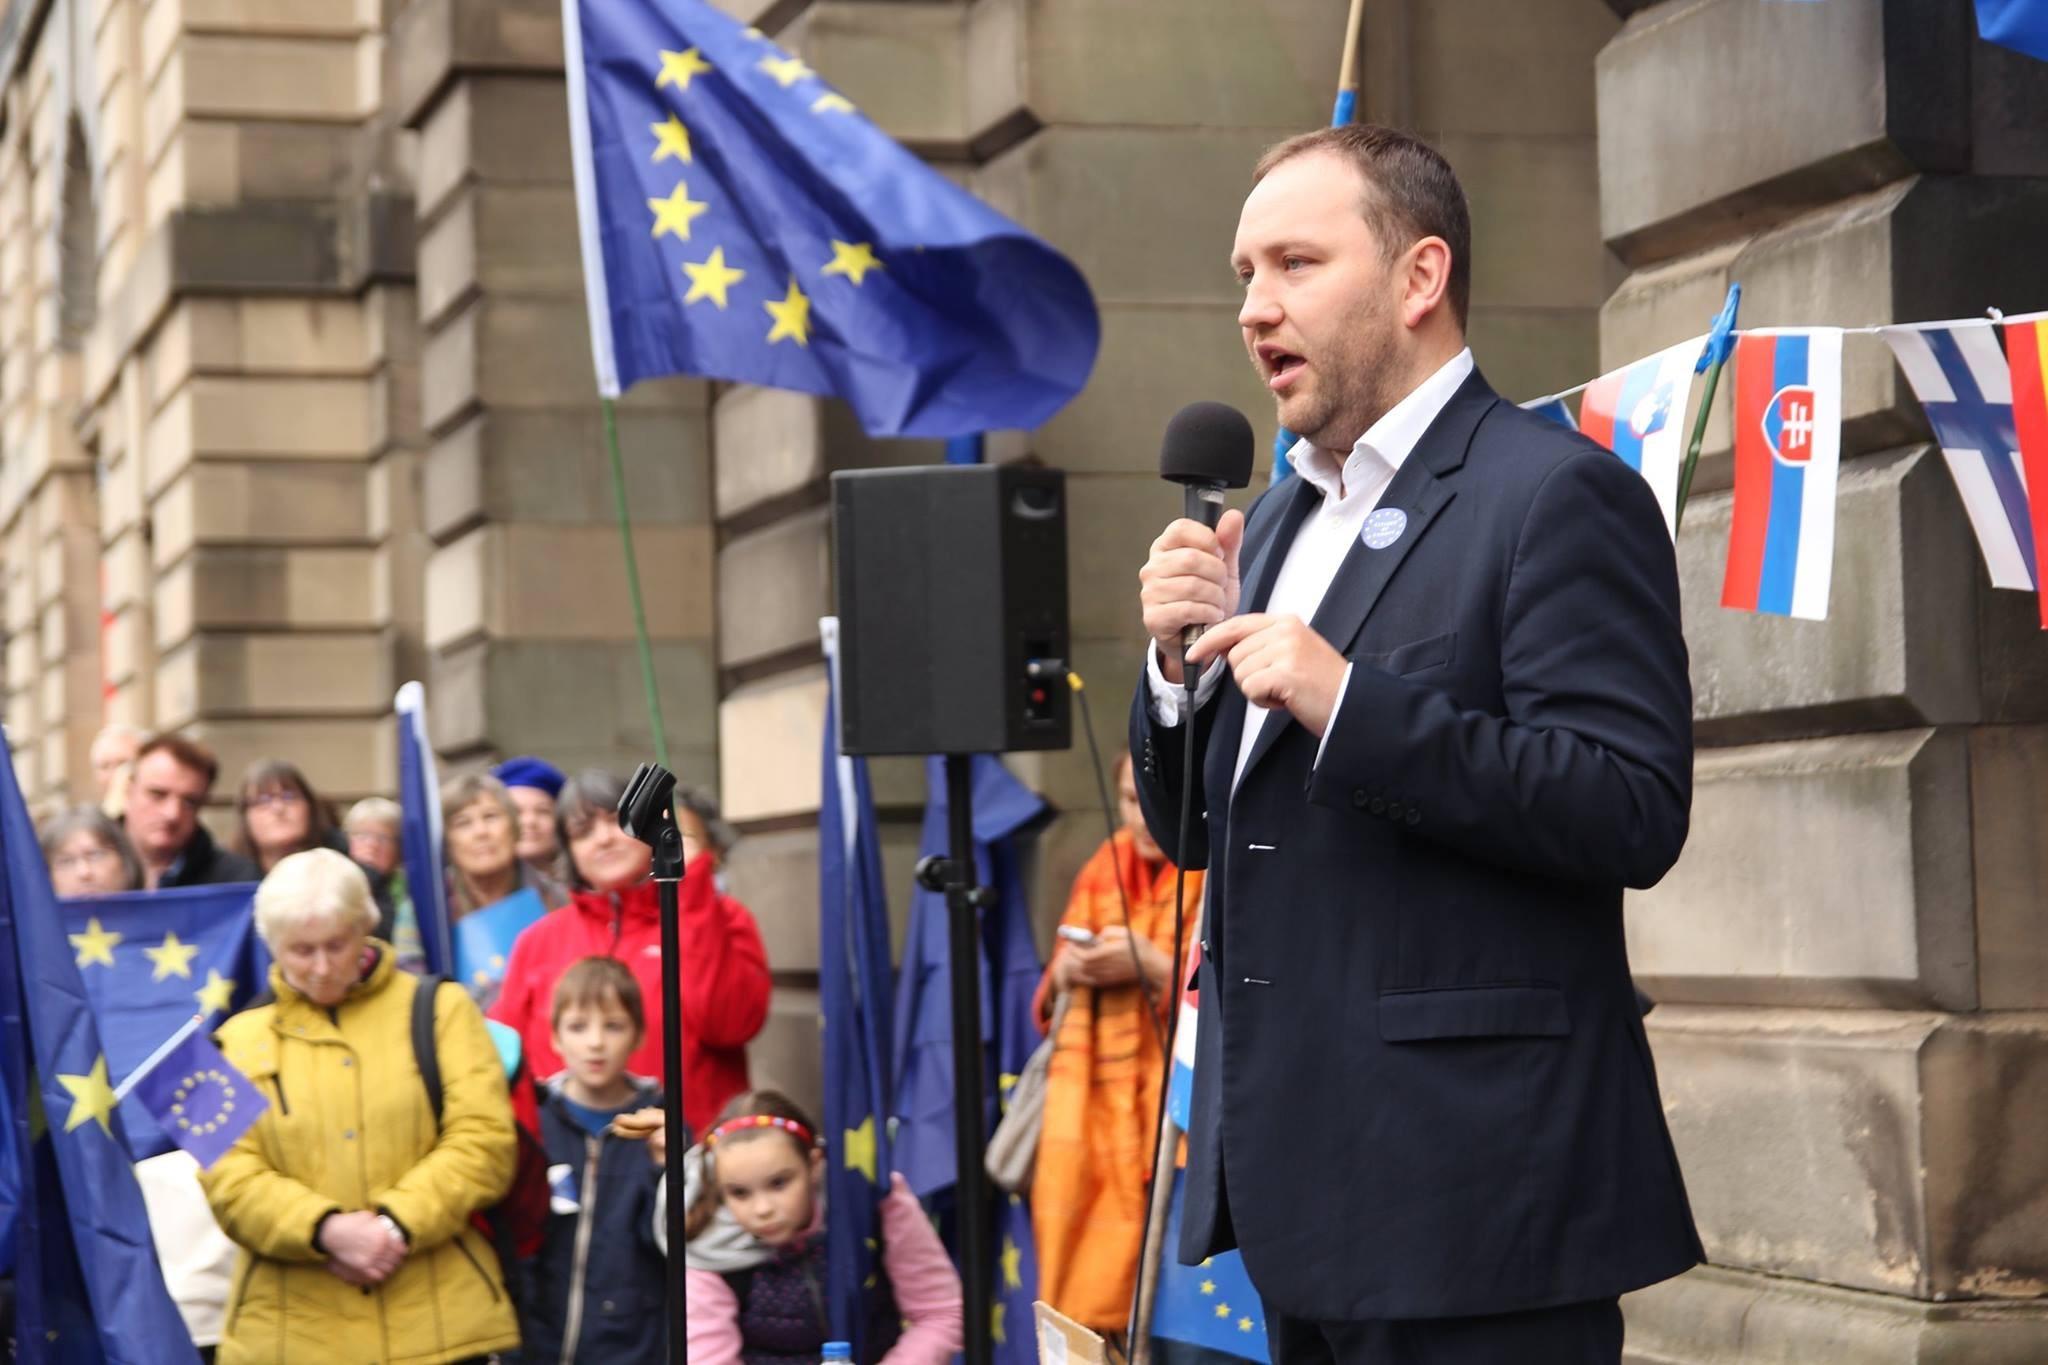 Edinburgh_EU5.jpg